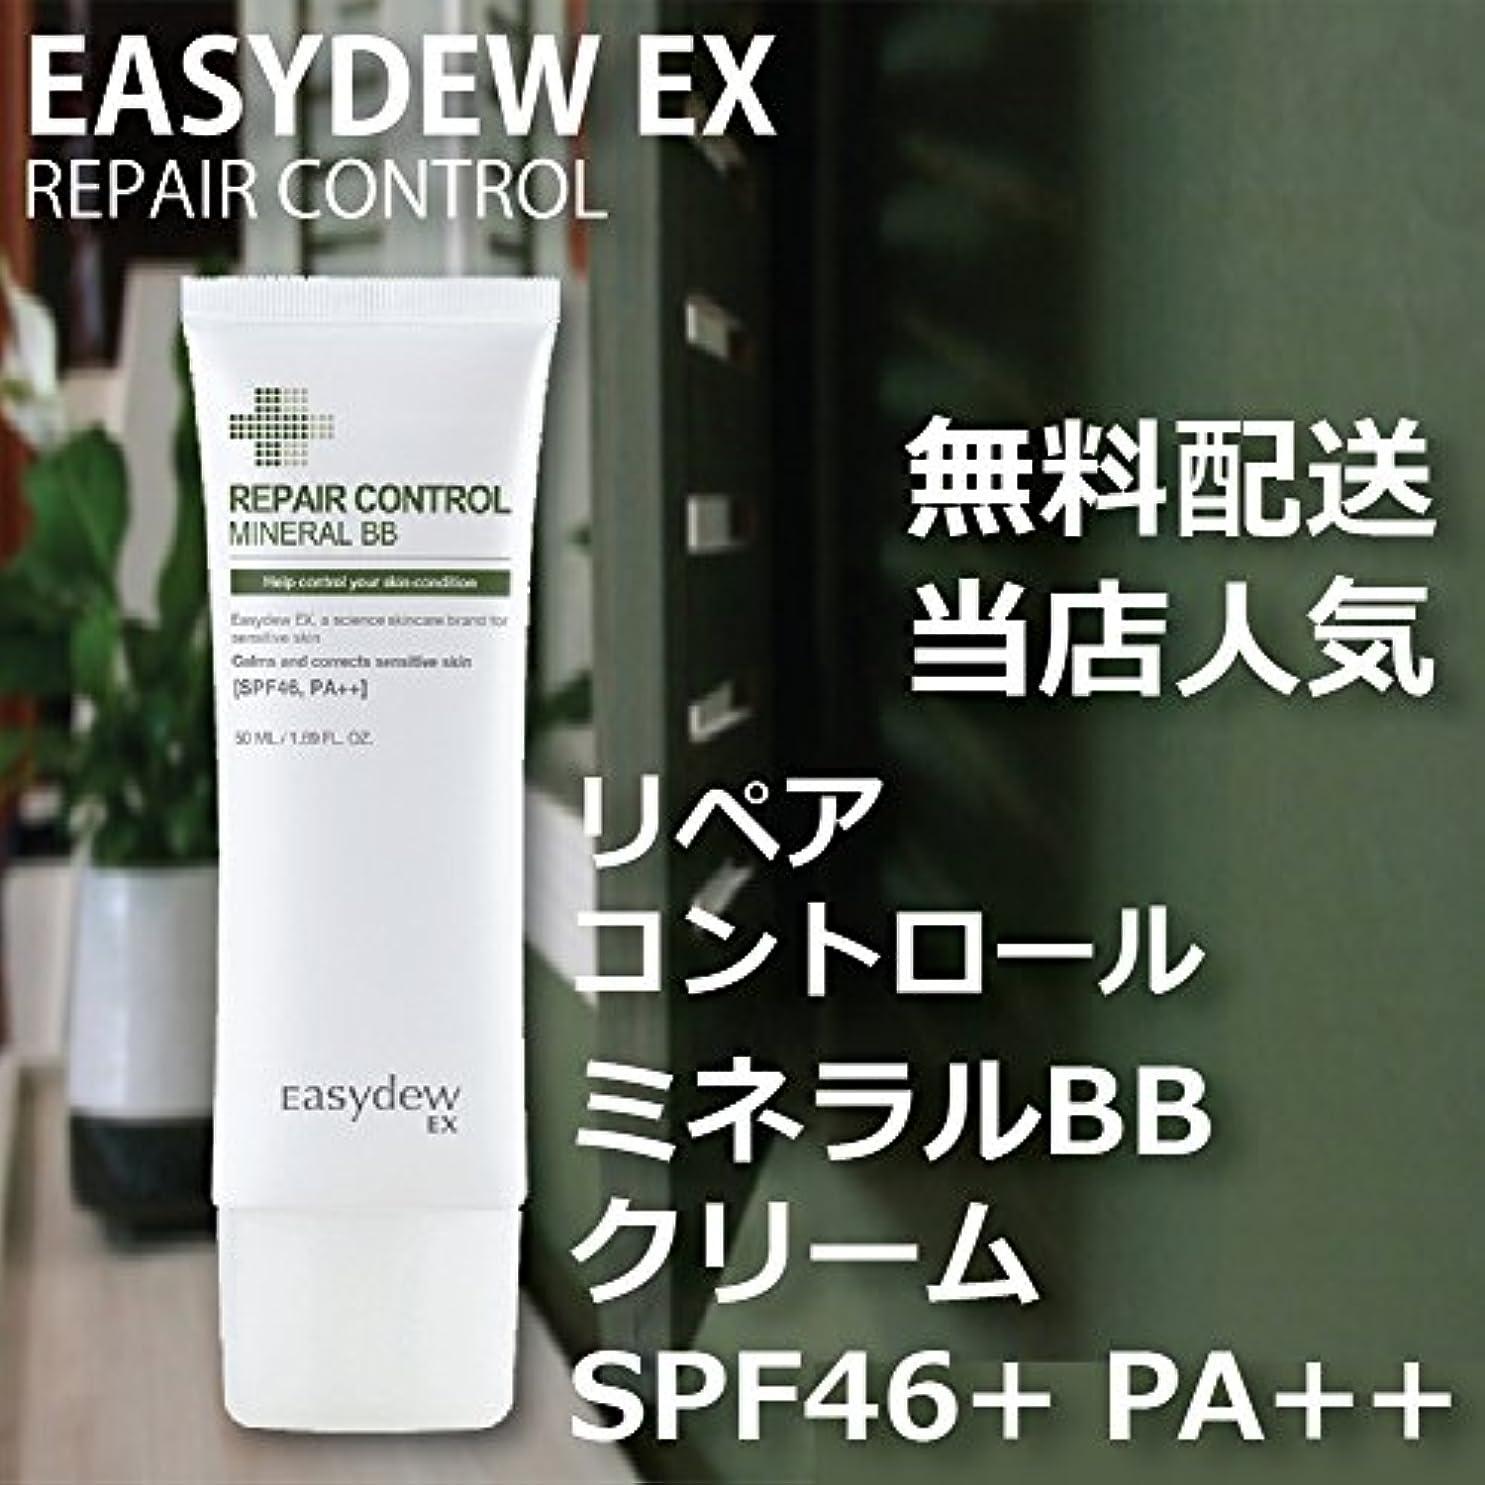 細胞血統うぬぼれたEASY DEW EX ミネラル BBクリーム SPF46+ PA++ 50ml MINRAL BB CREAM 韓国 人気 コスメ イージーデュー 敏感 乾燥 美白 しわ 3重機能性